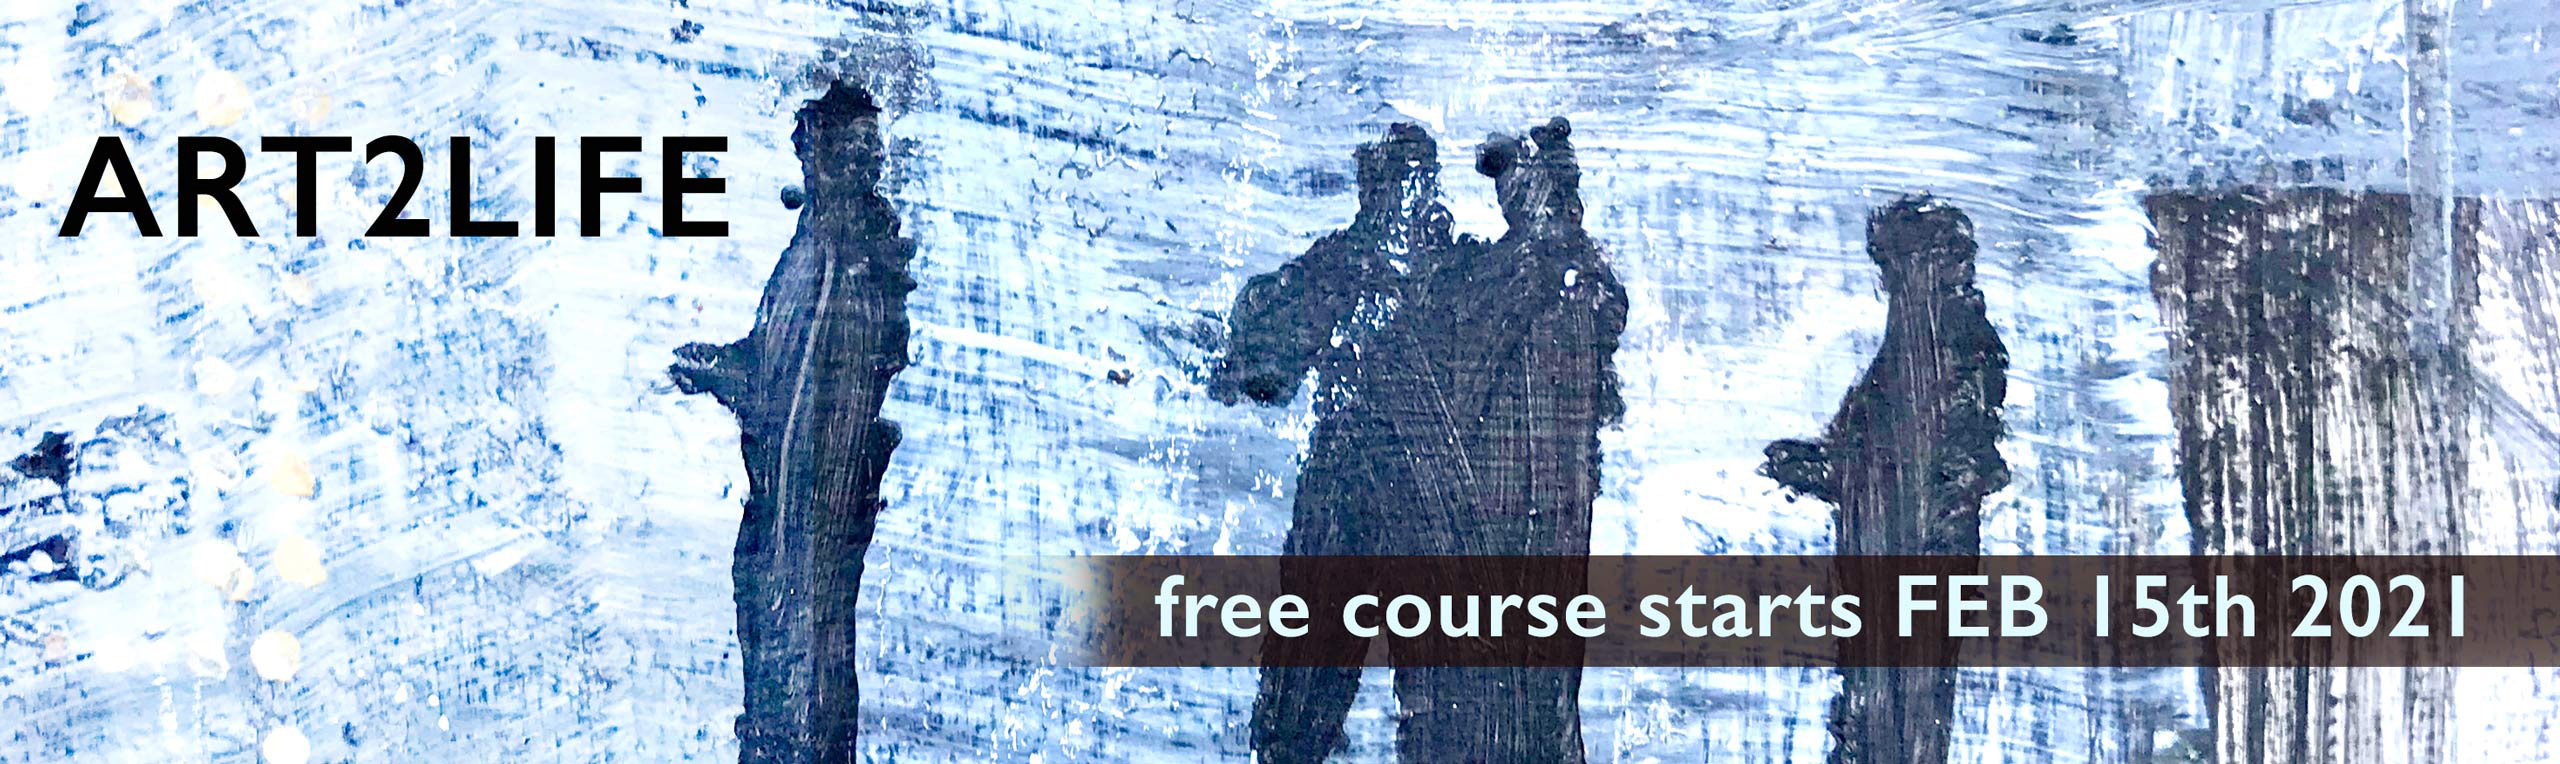 Art2life online art exploration course